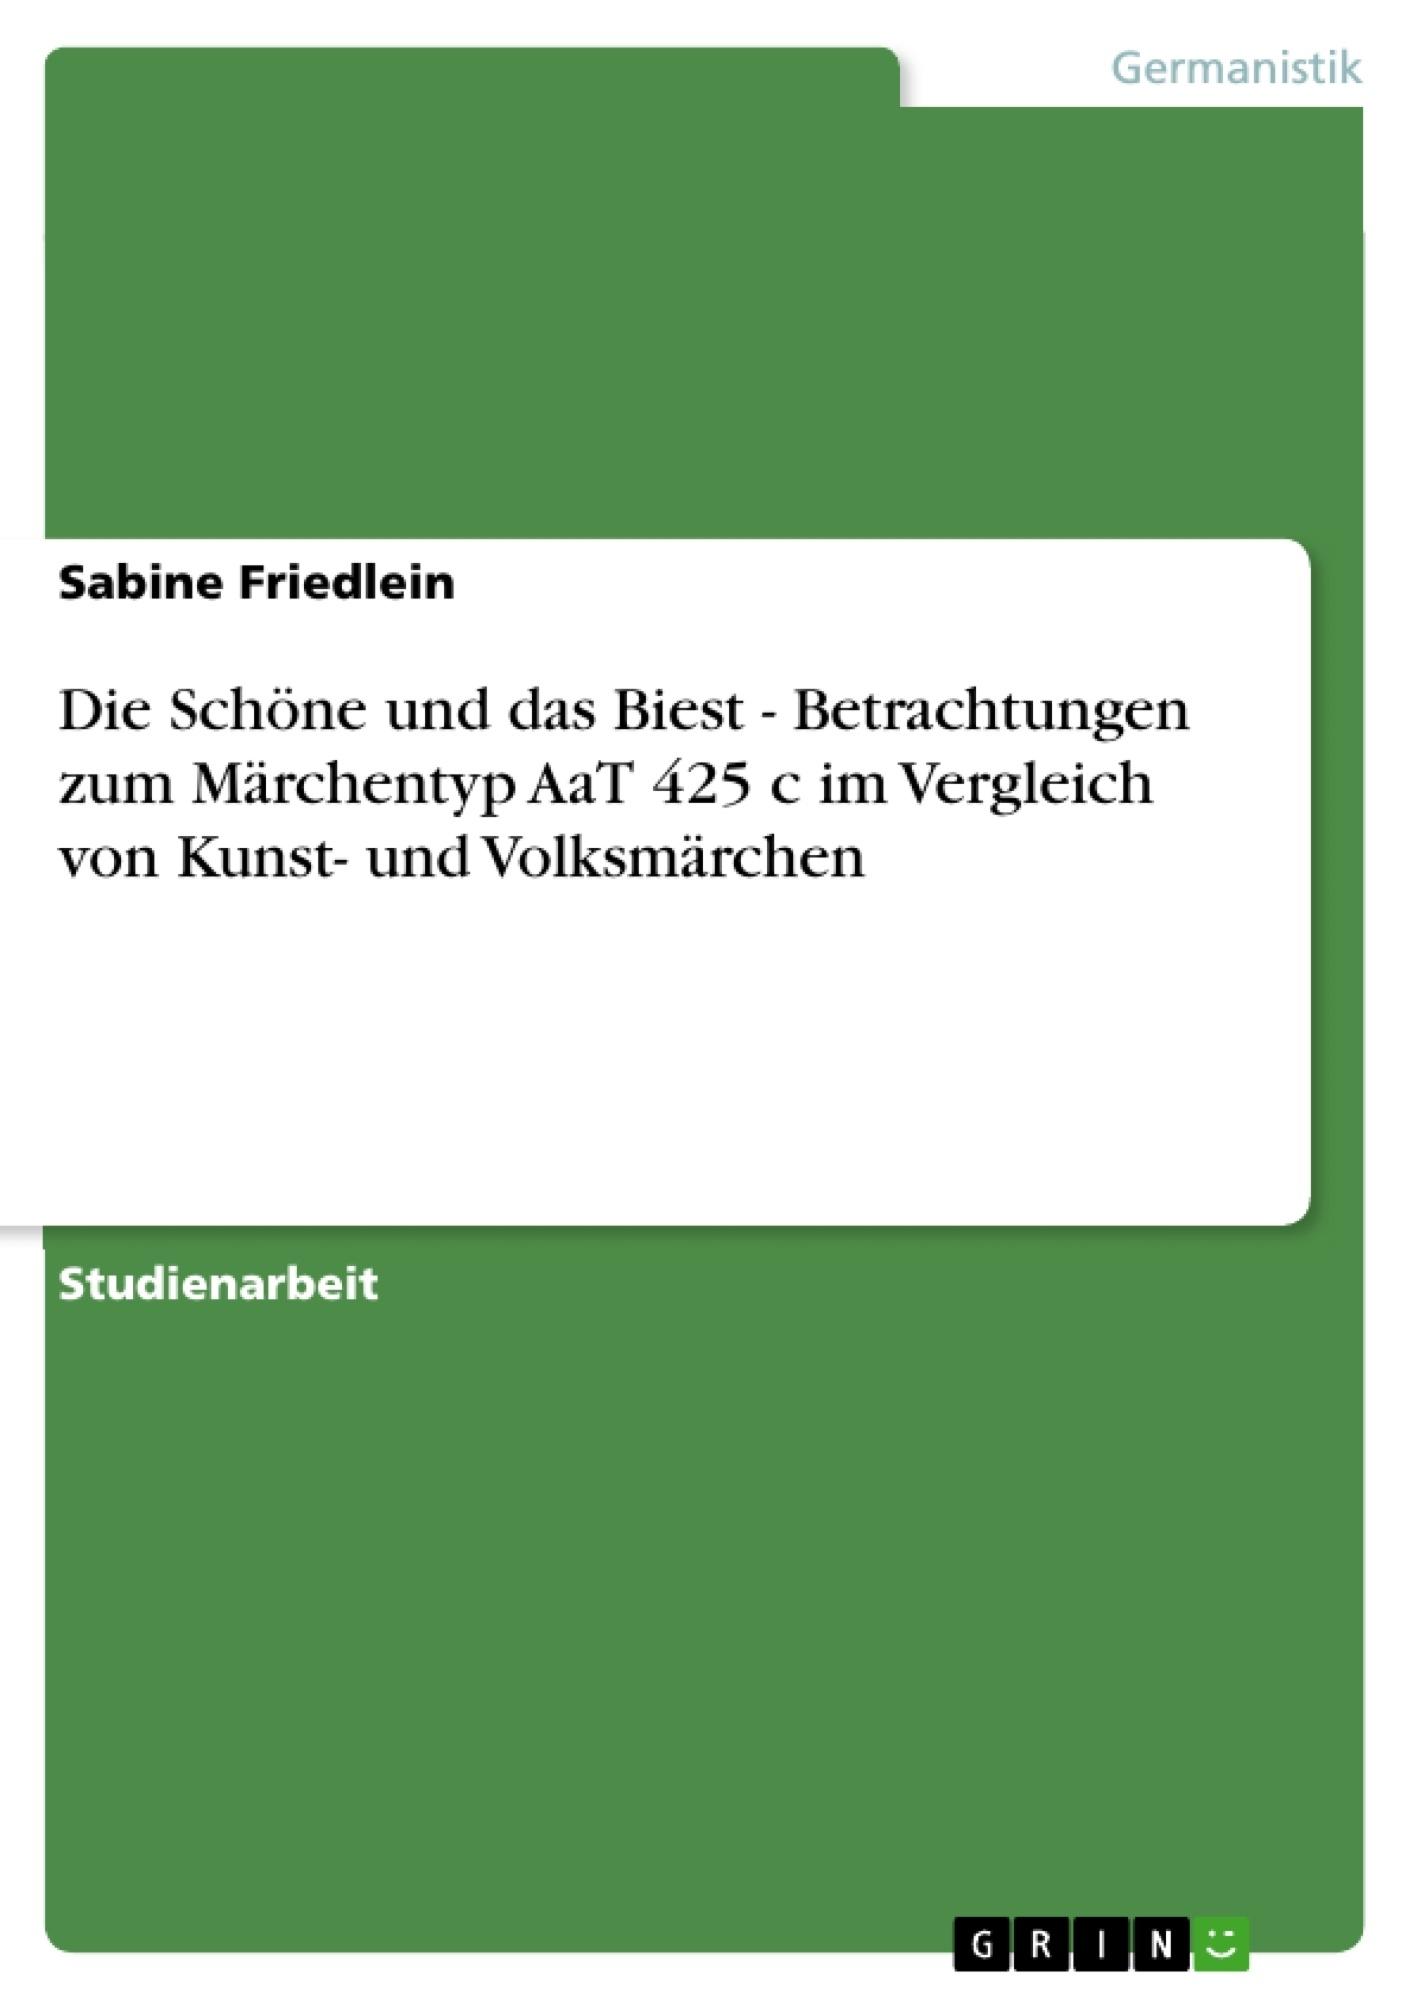 Titel: Die Schöne und das Biest - Betrachtungen zum Märchentyp AaT 425 c im Vergleich von Kunst- und Volksmärchen